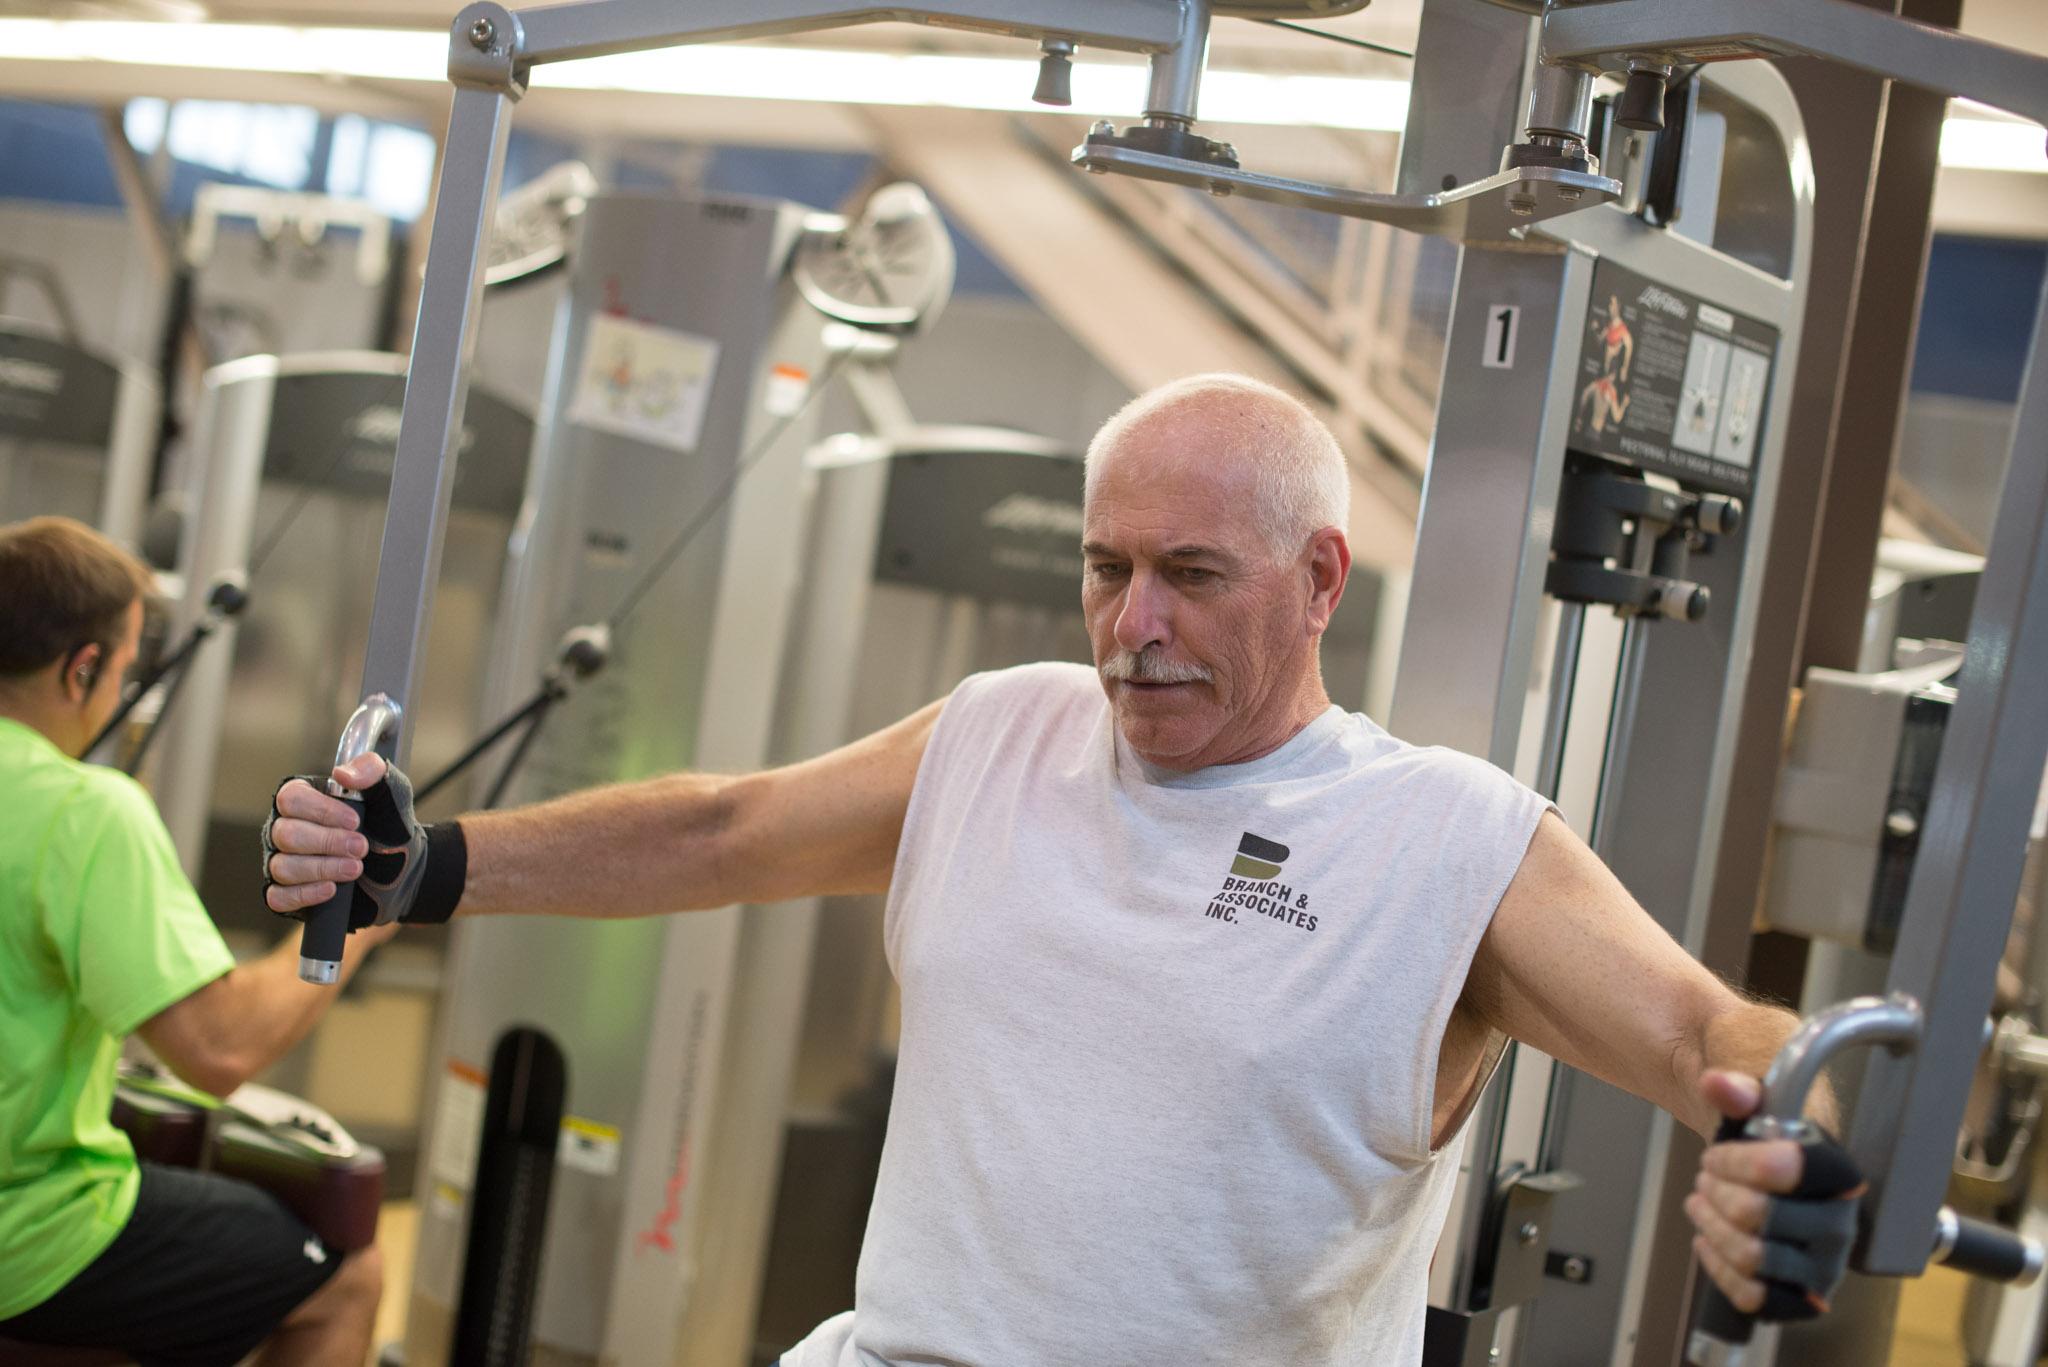 Wellness Center Stock Photos-1245.jpg